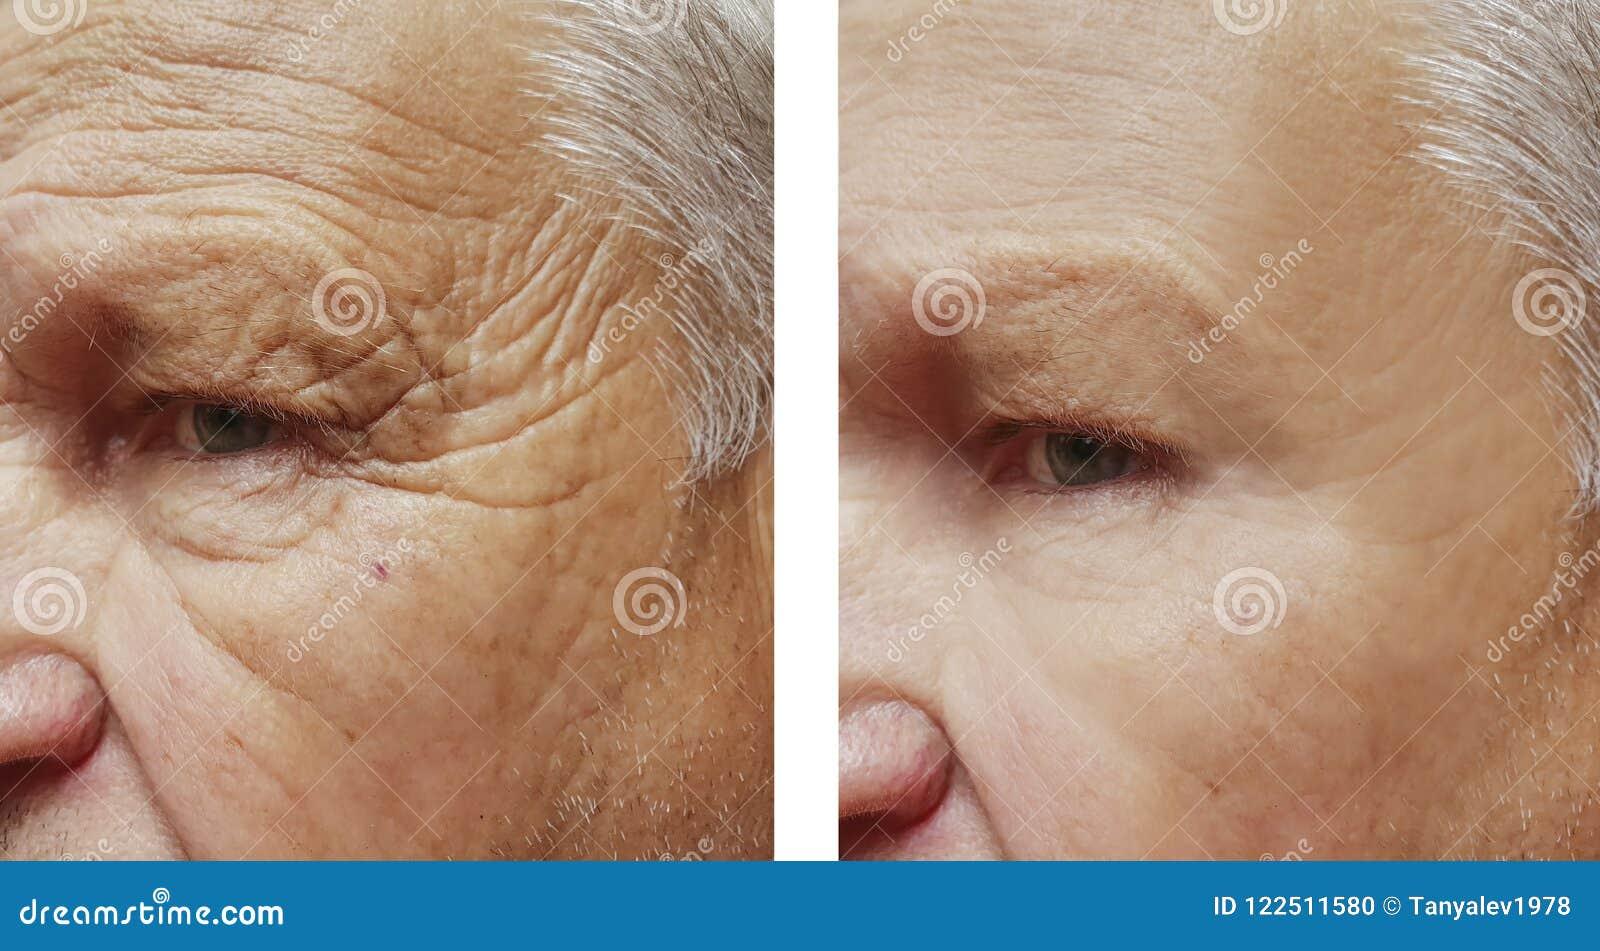 Προσώπου ηλικιωμένο πρόσωπο θεραπείας ρυτίδων μετώπων ατόμων υπομονετικό πριν και μετά από τις διαδικασίες